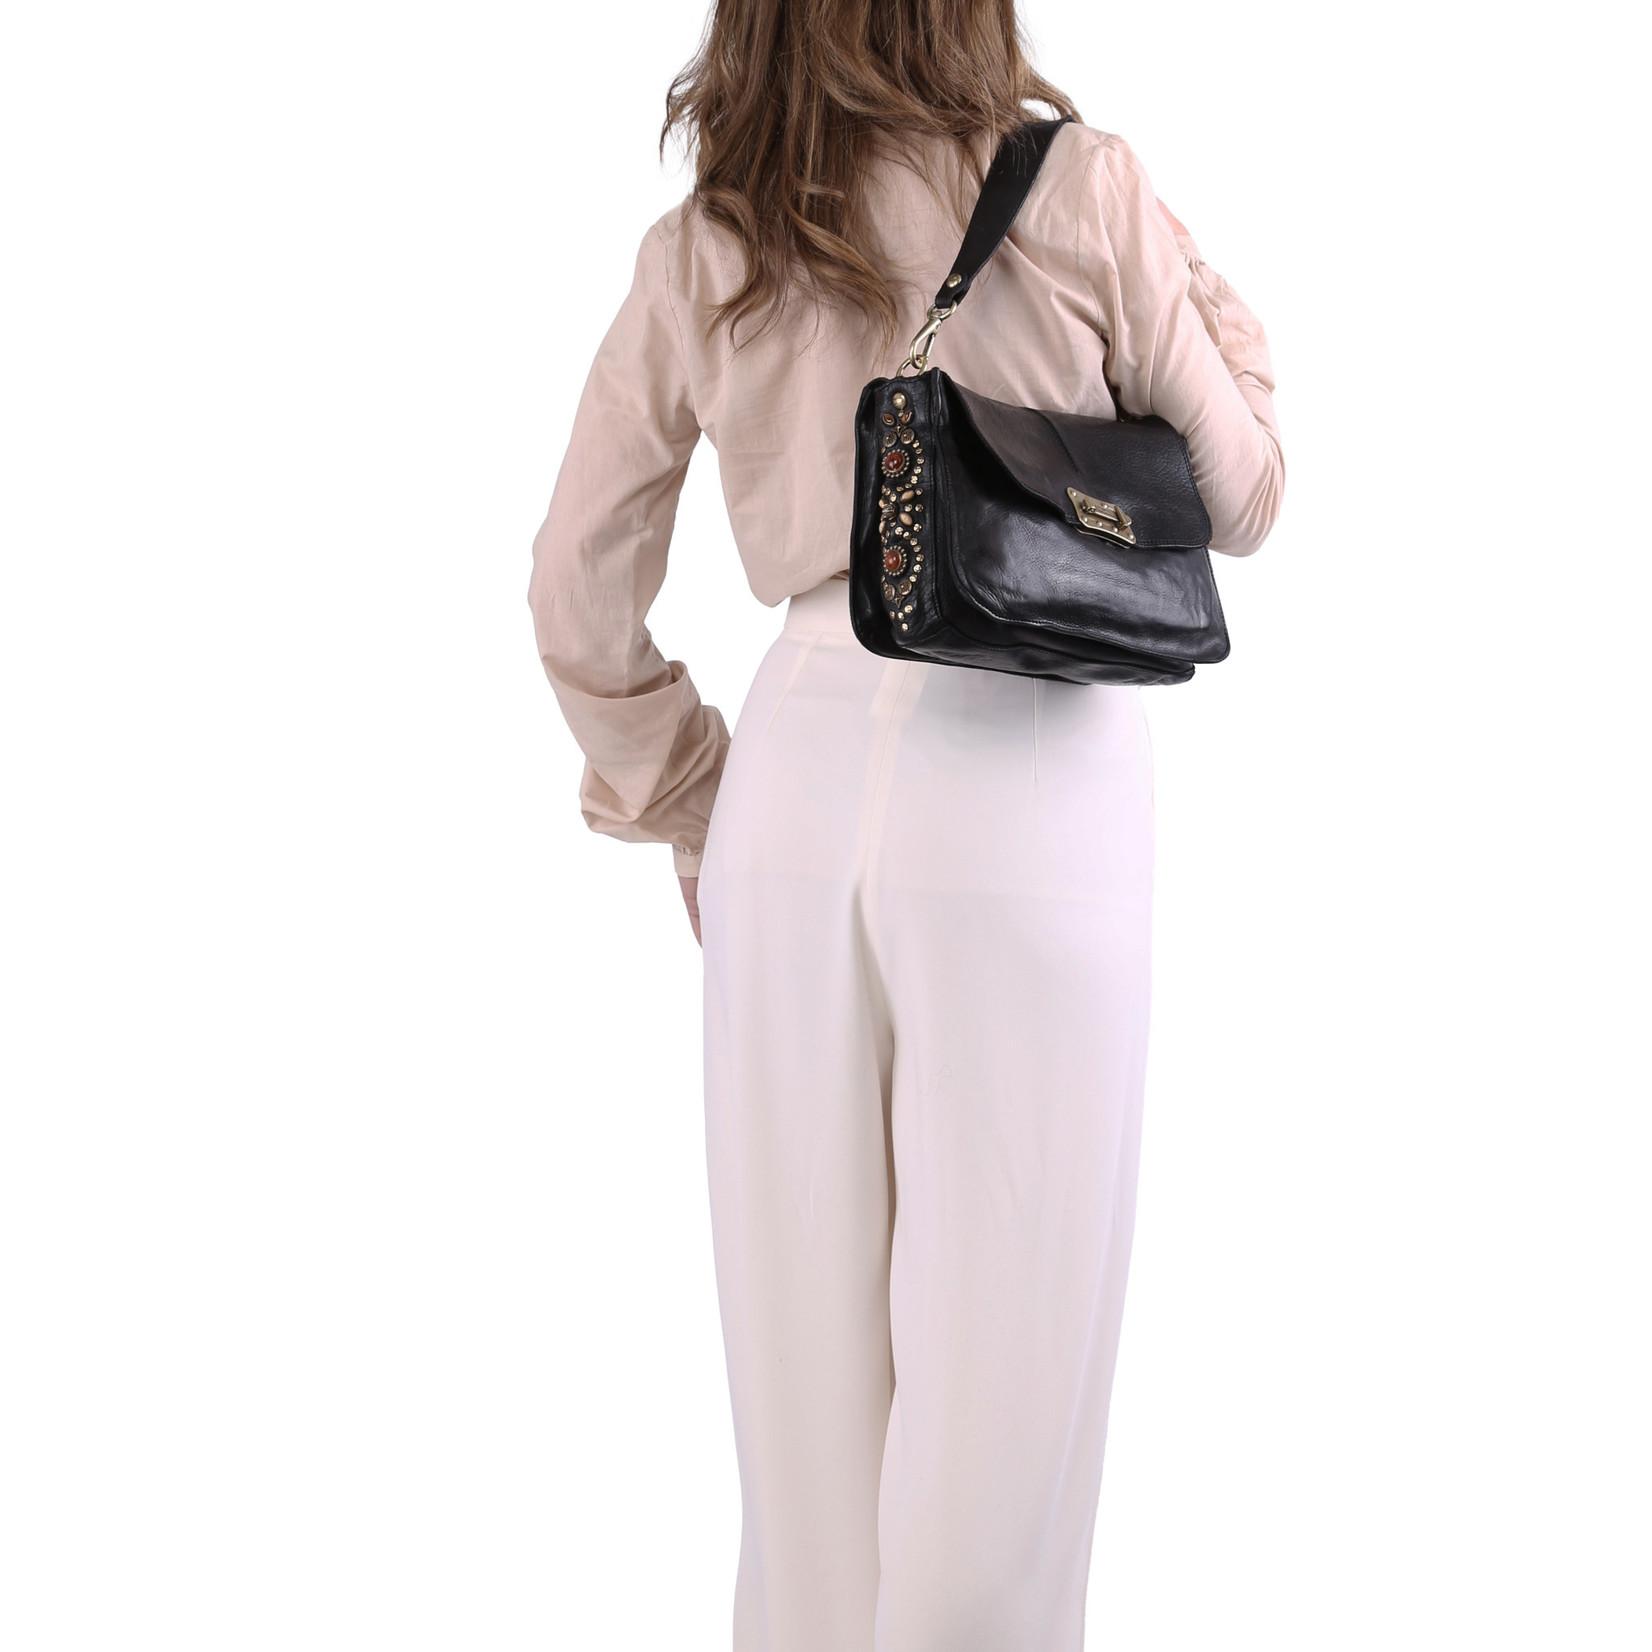 Campomaggi Bella di Notte Cross Body Bag Black